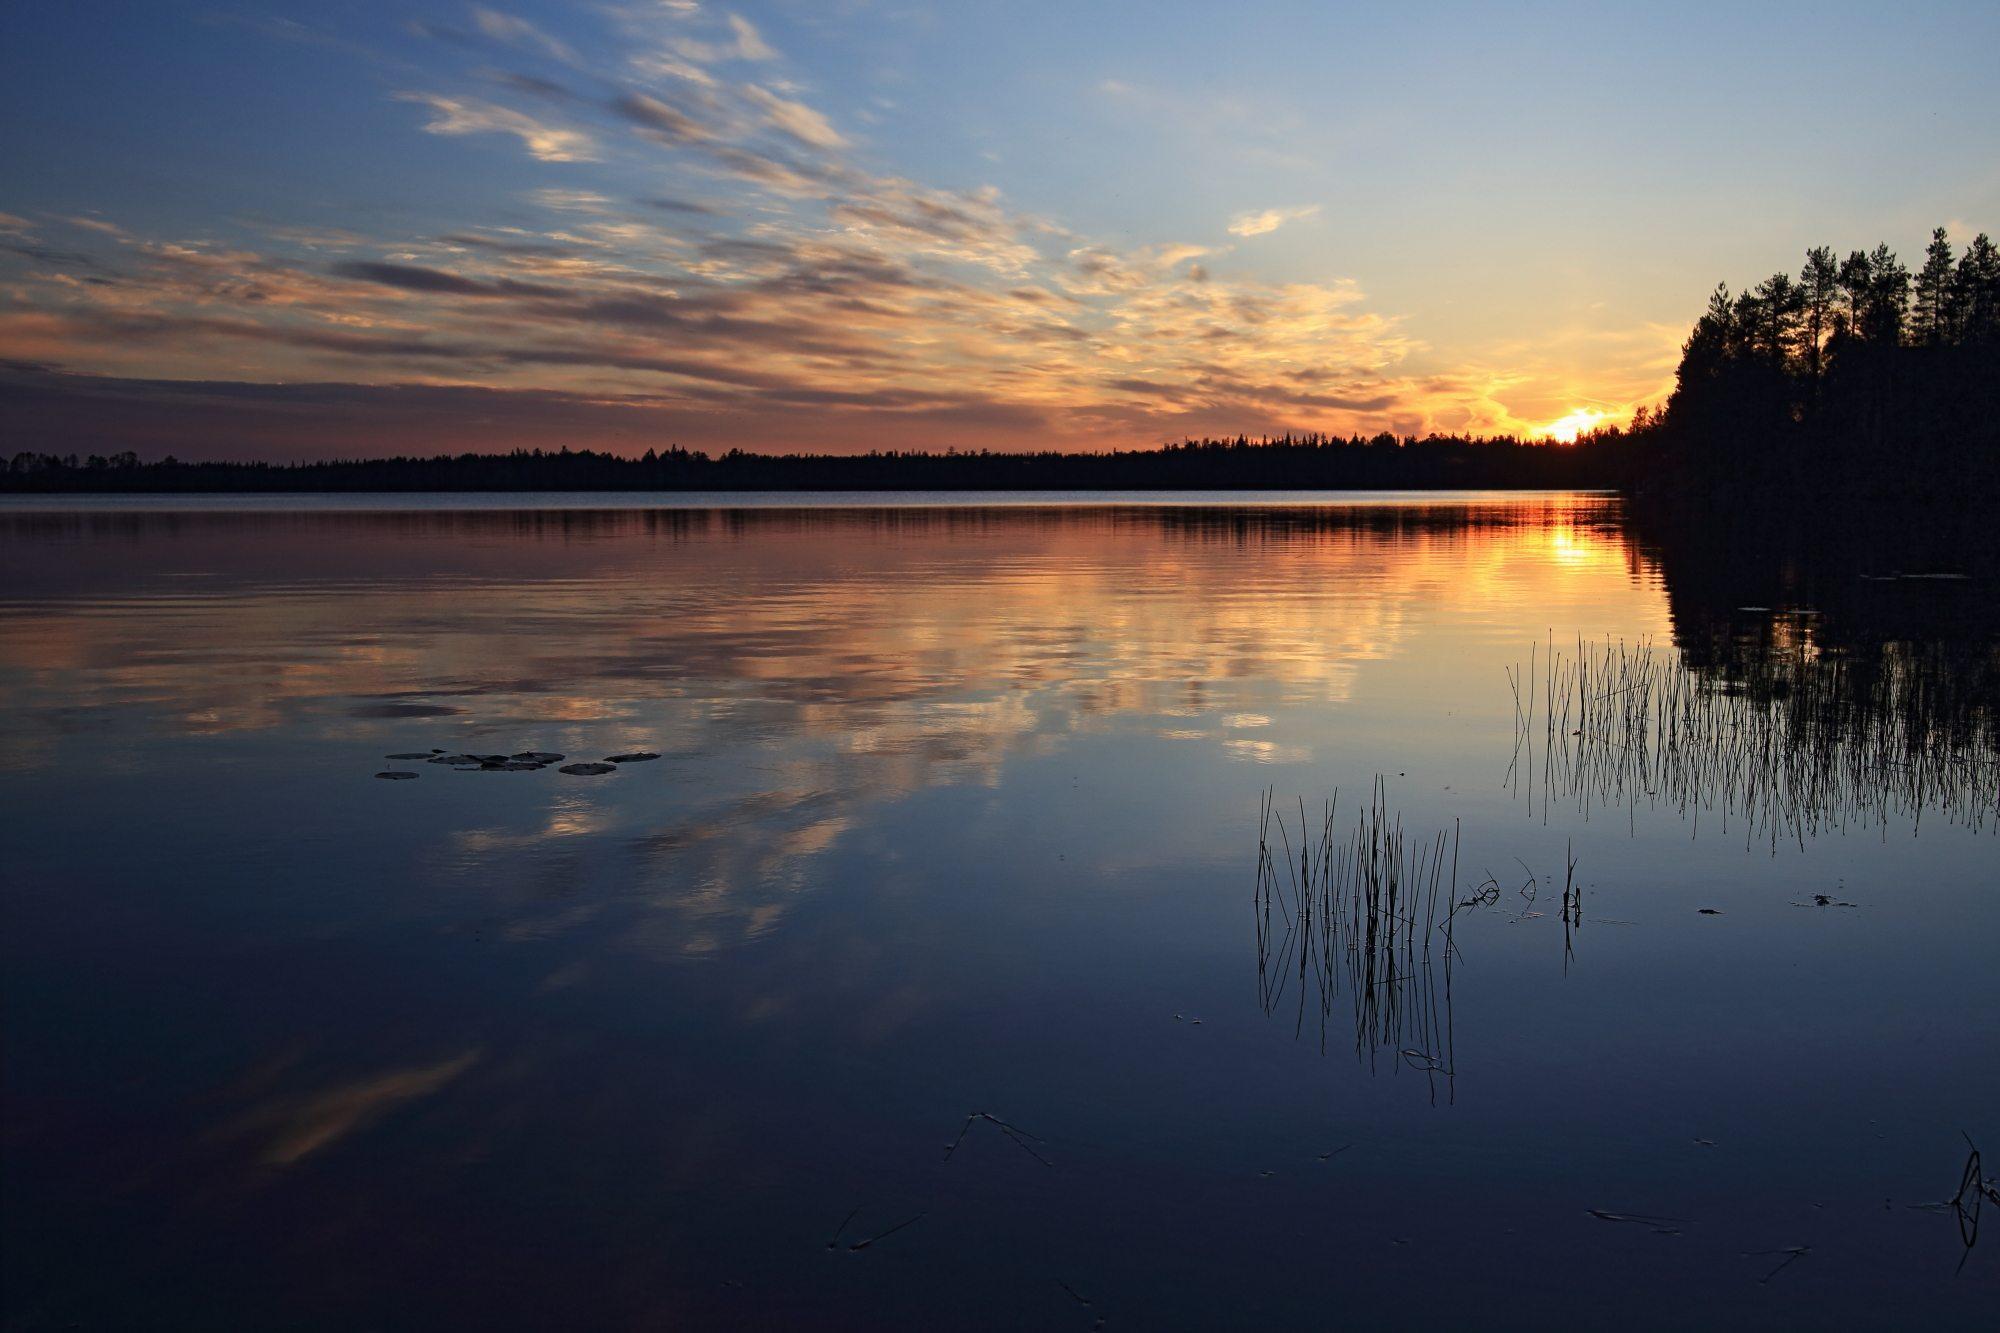 Najnizja tocka sonca, ob jezeru na Finskem